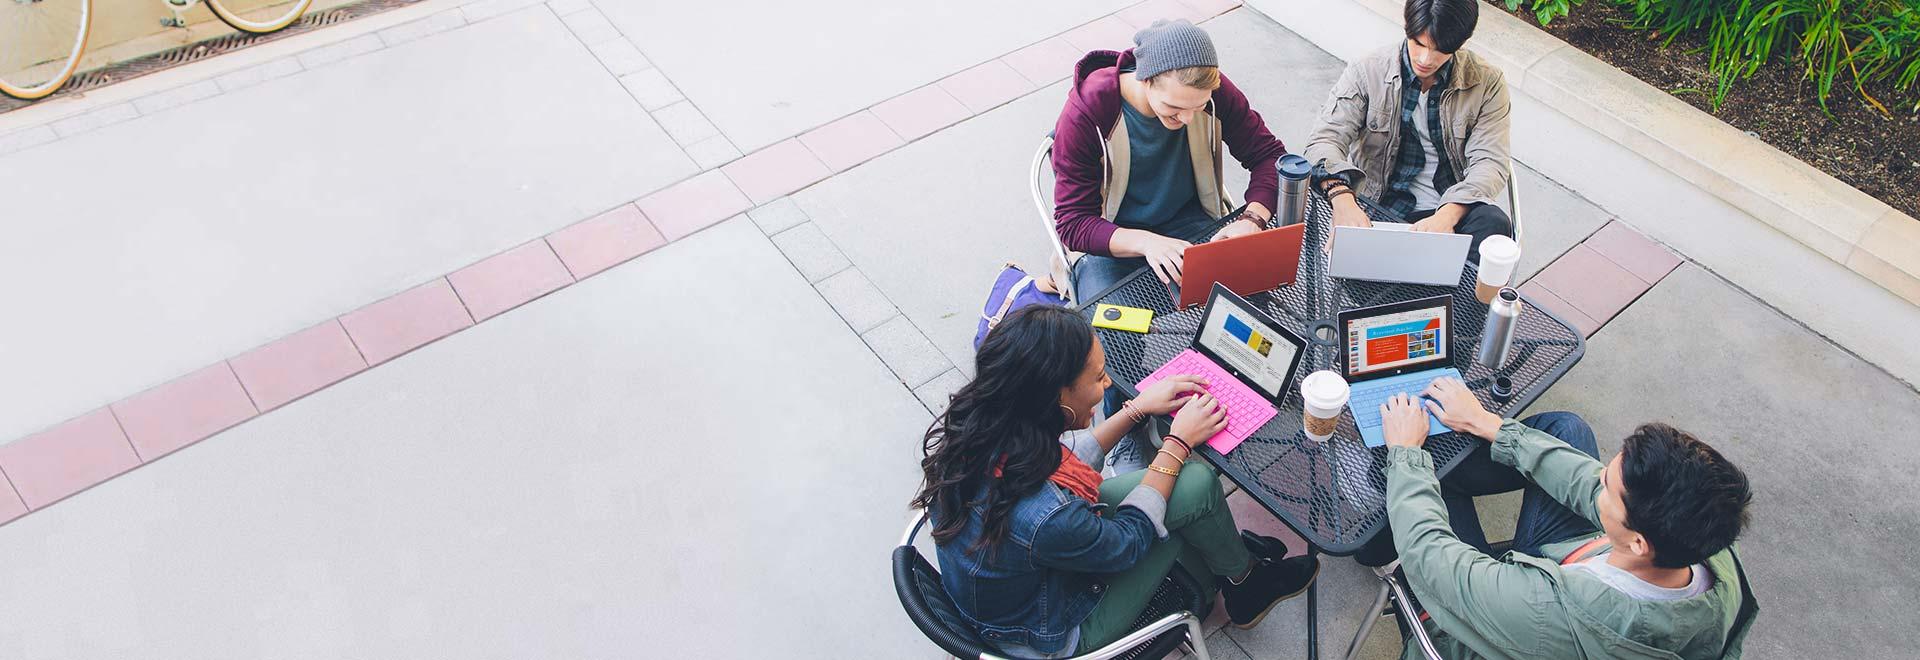 Štirje študenti sedijo za mizo in uporabljajo Office 365 for Education v tabličnih računalnikih.